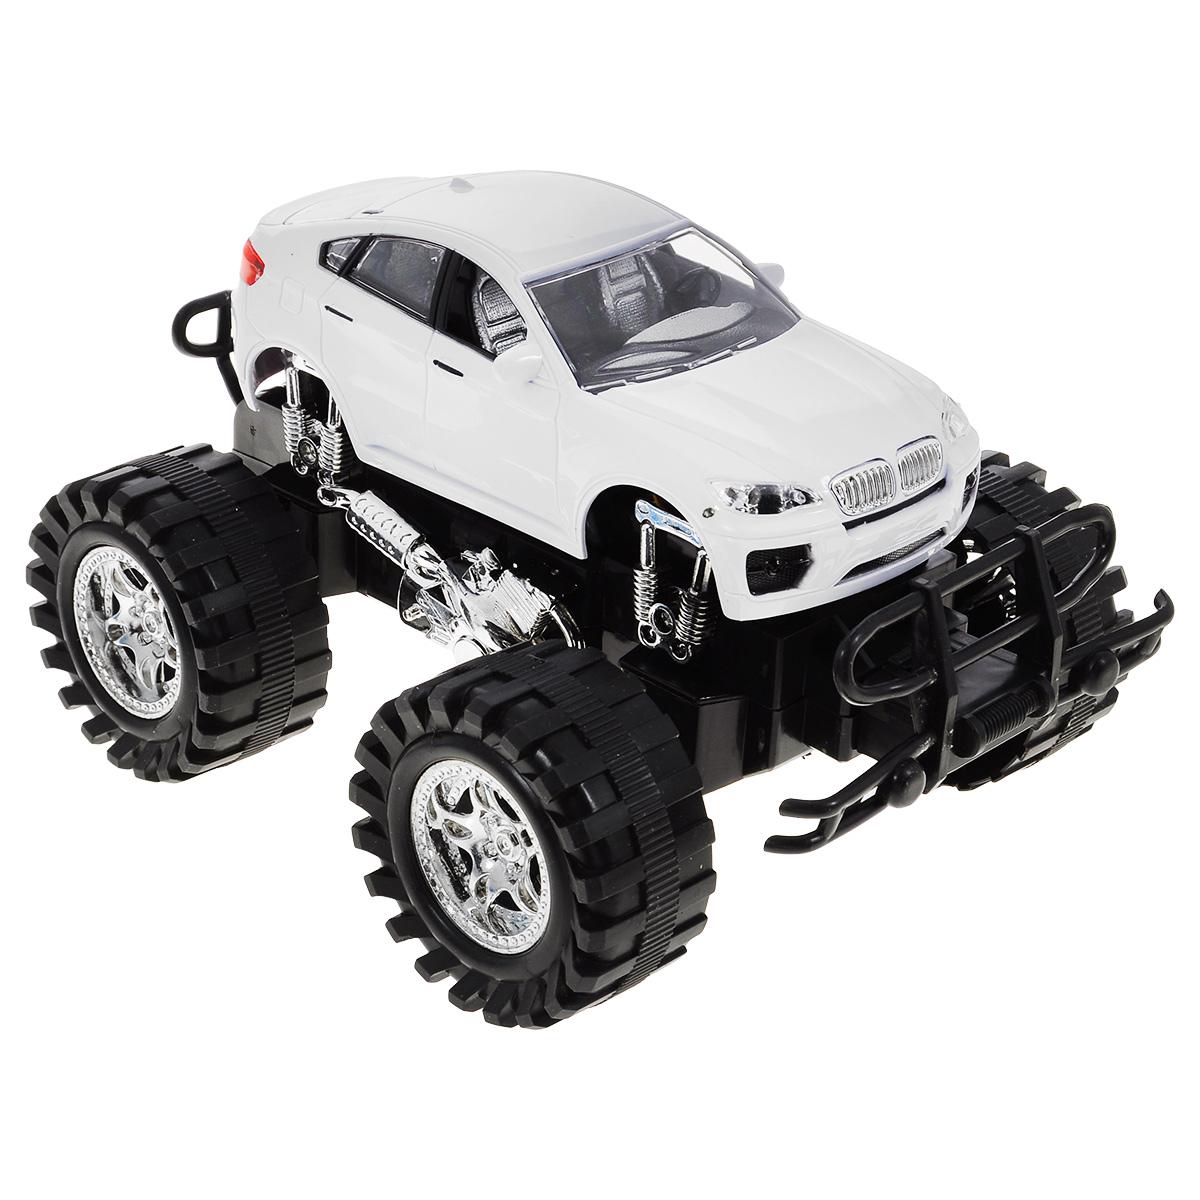 Машинка Пламенный мотор, большие колеса, цвет: белый87474_белыйМашинка Пламенный мотор с инерционным механизмом, звуковыми и световыми эффектами непременно понравится любому мальчишке. Благодаря инерционному механизму игрушка может двигаться самостоятельно, стоит только откатить машинку назад, а затем отпустить, и она поедет вперед. Этот четырехколесный гигант, известный также как бигфут или монстр-трак, выполнен из высококачественного пластика - ему не страшны столкновения и препятствия! Игрушка работает от трех батареек LR44 1,5V (в комплекте).